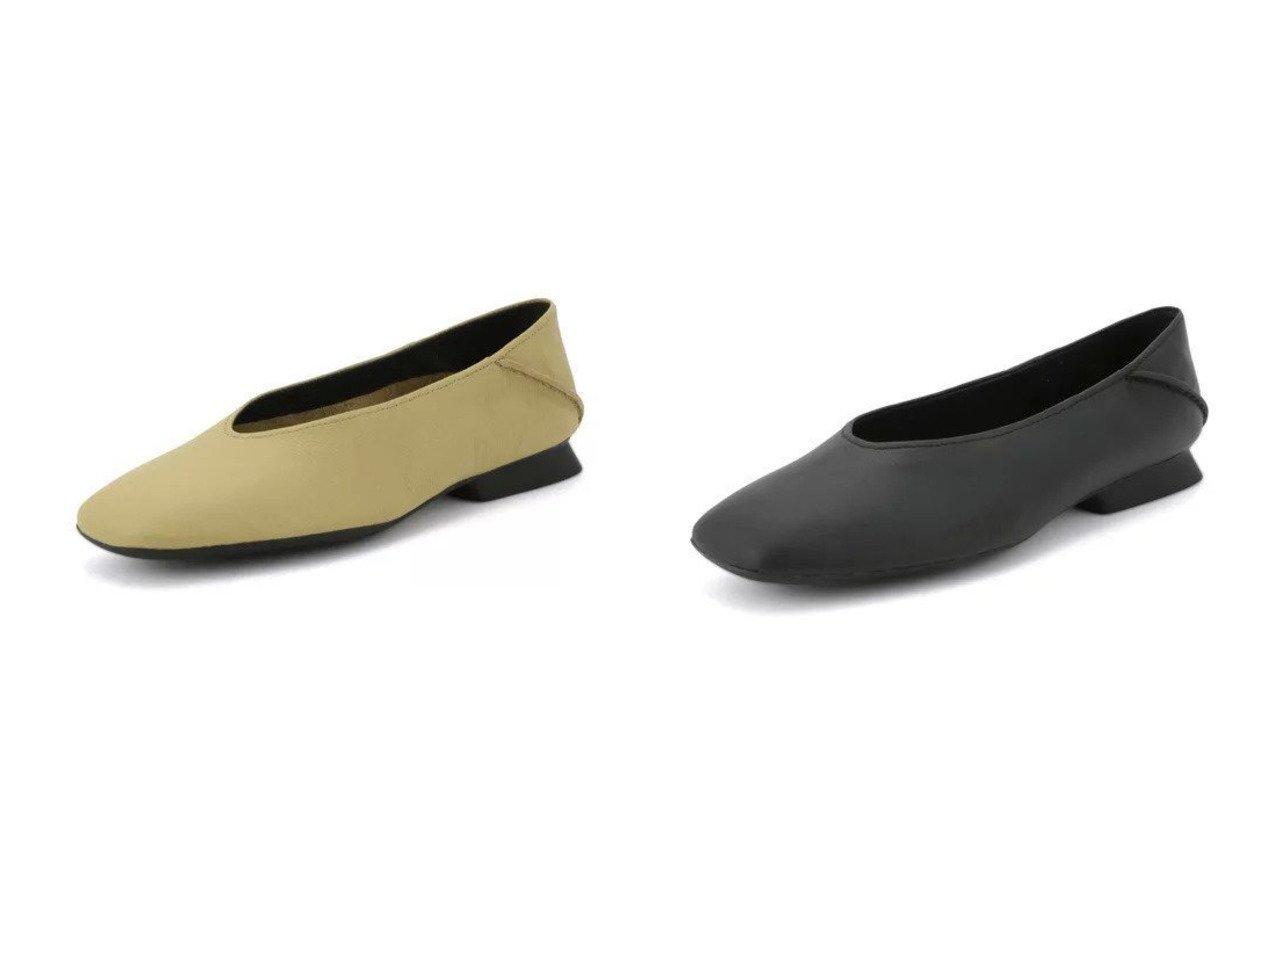 【CAMPER/カンペール】のMyra 【シューズ・靴】おすすめ!人気、トレンド・レディースファッションの通販 おすすめで人気の流行・トレンド、ファッションの通販商品 インテリア・家具・メンズファッション・キッズファッション・レディースファッション・服の通販 founy(ファニー) https://founy.com/ ファッション Fashion レディースファッション WOMEN 2021年 2021 2021-2022秋冬・A/W AW・Autumn/Winter・FW・Fall-Winter・2021-2022 A/W・秋冬 AW・Autumn/Winter・FW・Fall-Winter シューズ スリッポン フォルム フラット プレーン  ID:crp329100000062642